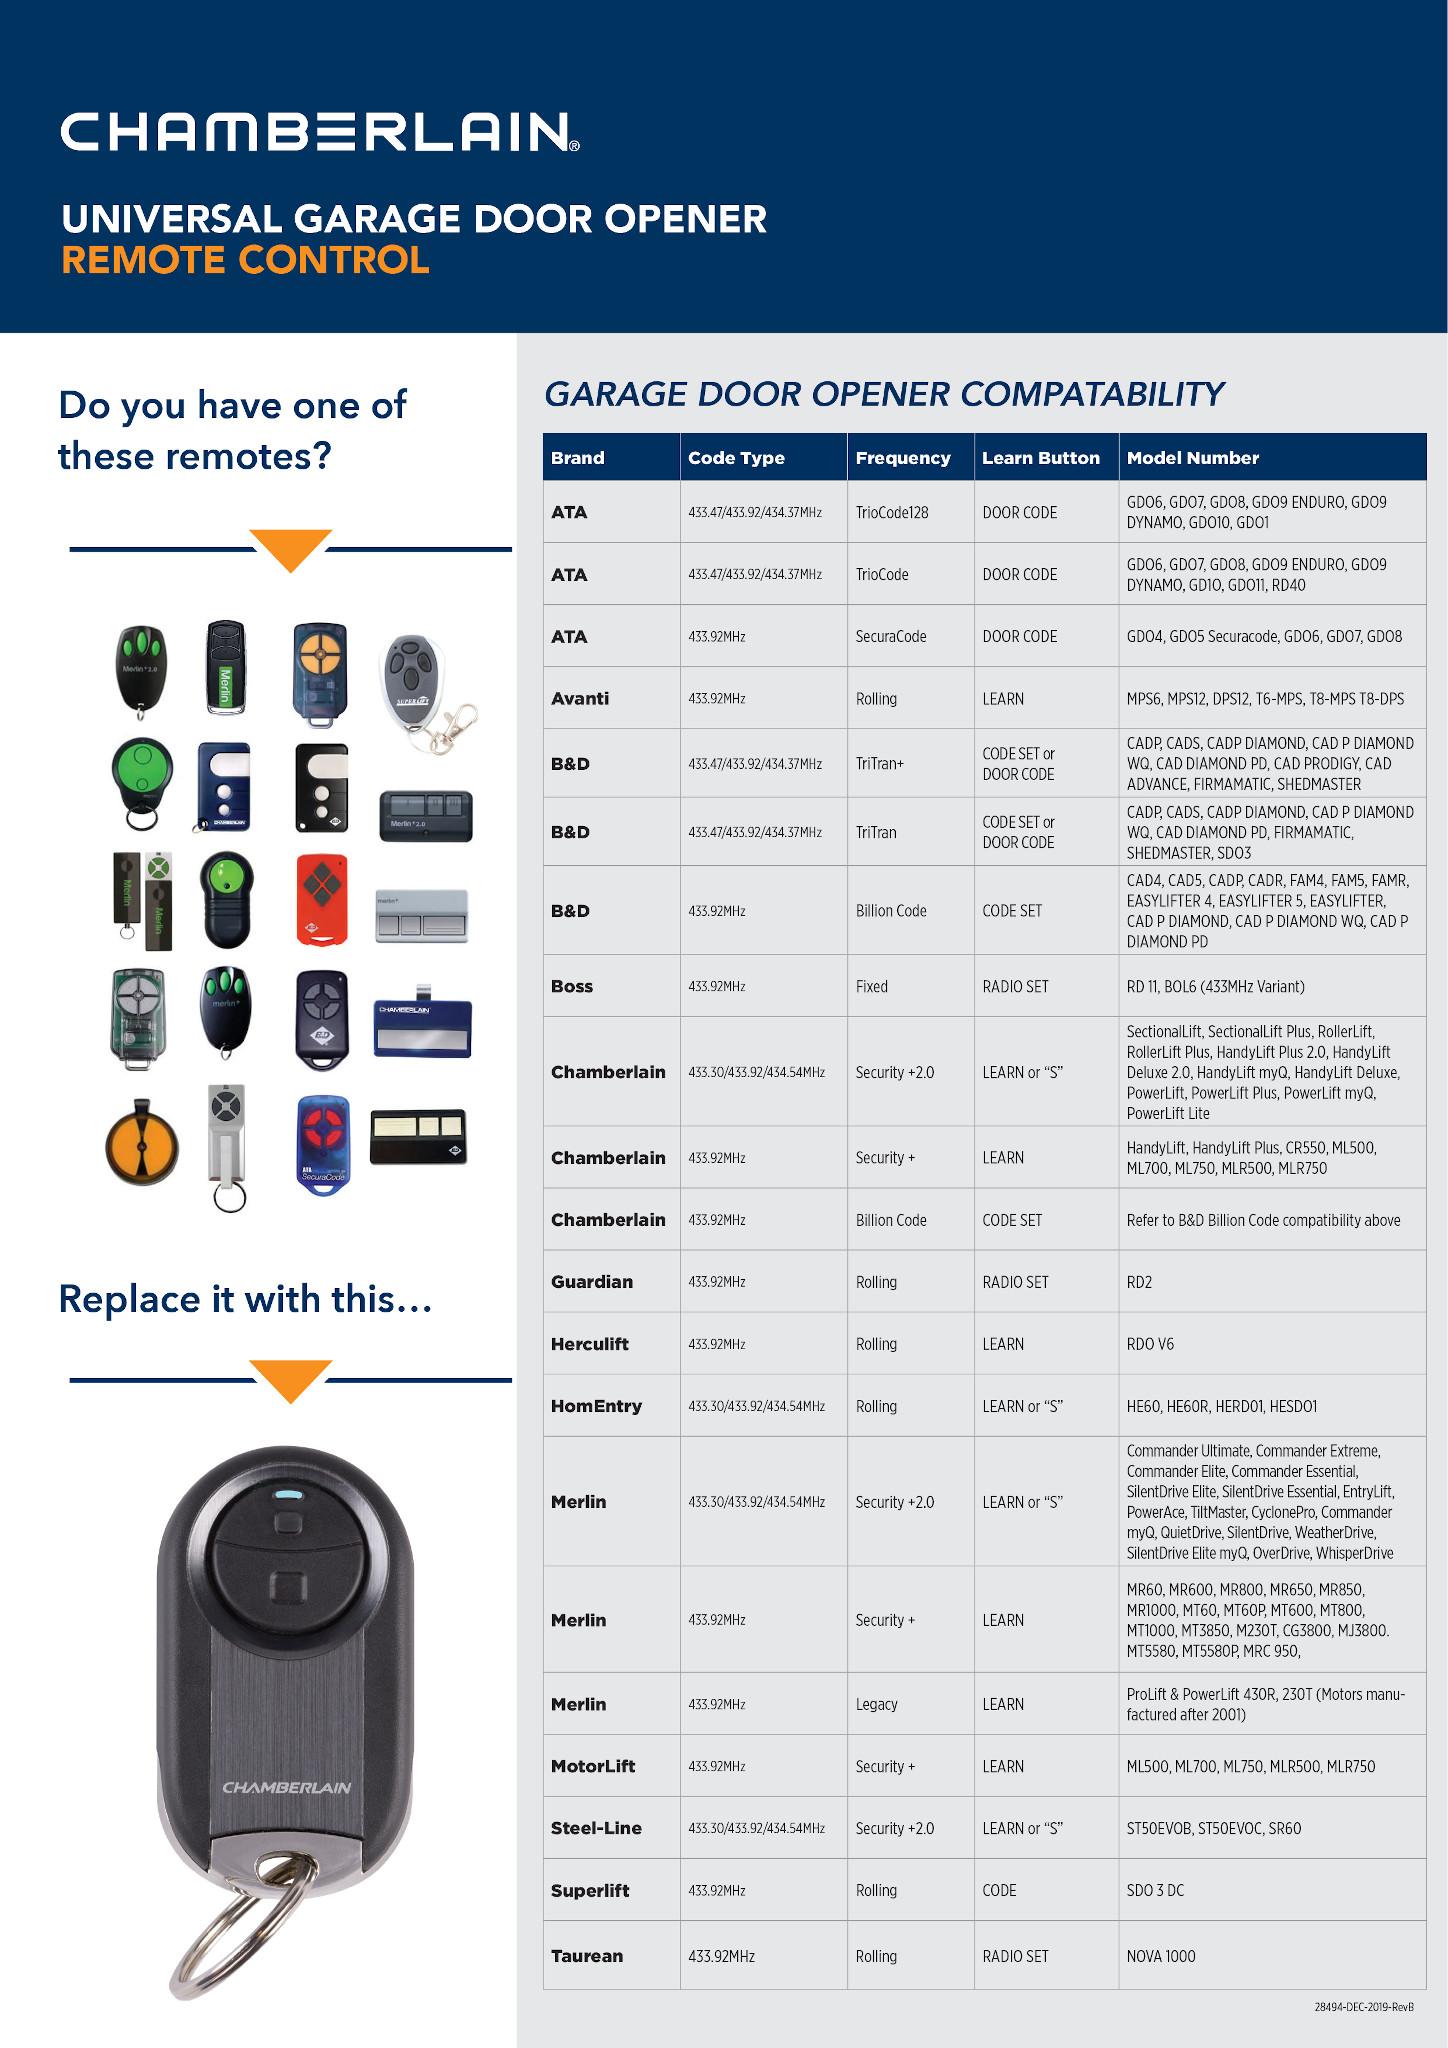 Chamberlain Universal Garage Door Opener Remote Control